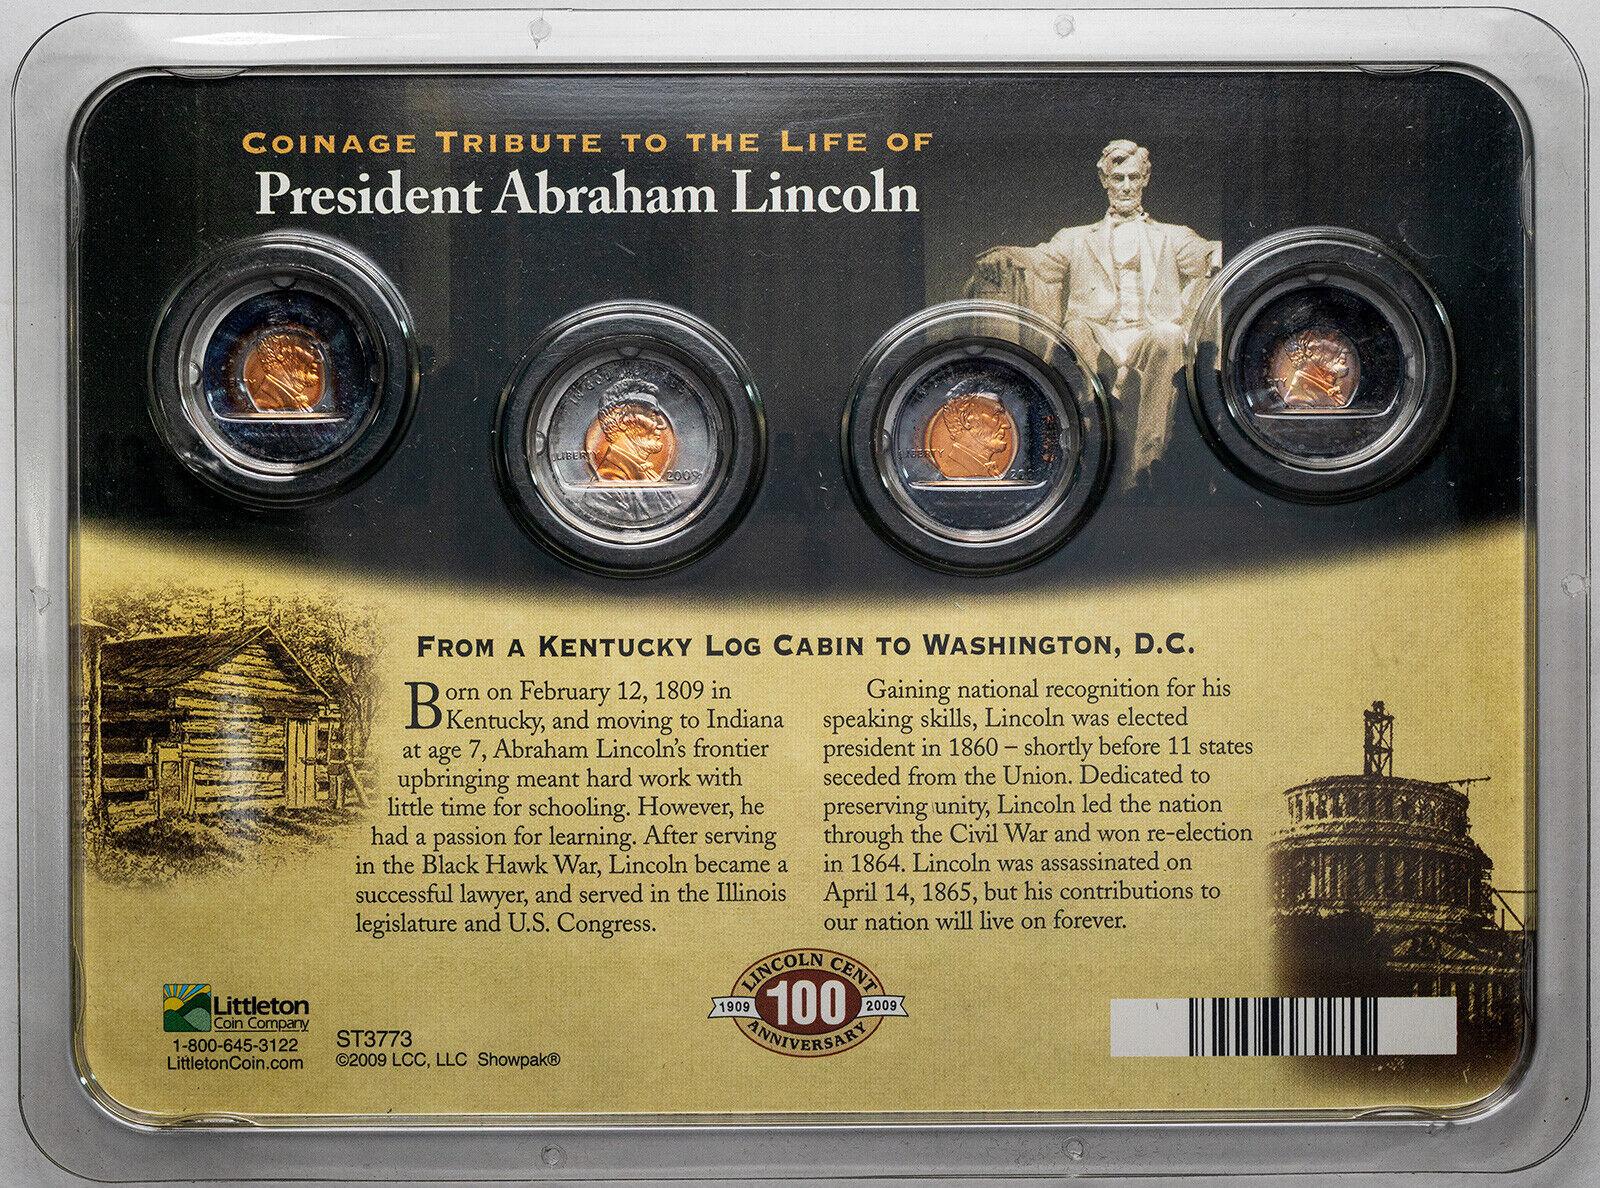 2009 LINCOLN ANNIVERSARY SET 4 COIN SET BICENTENNIAL DESIGNS GEM TONED MONSTER - $33.75